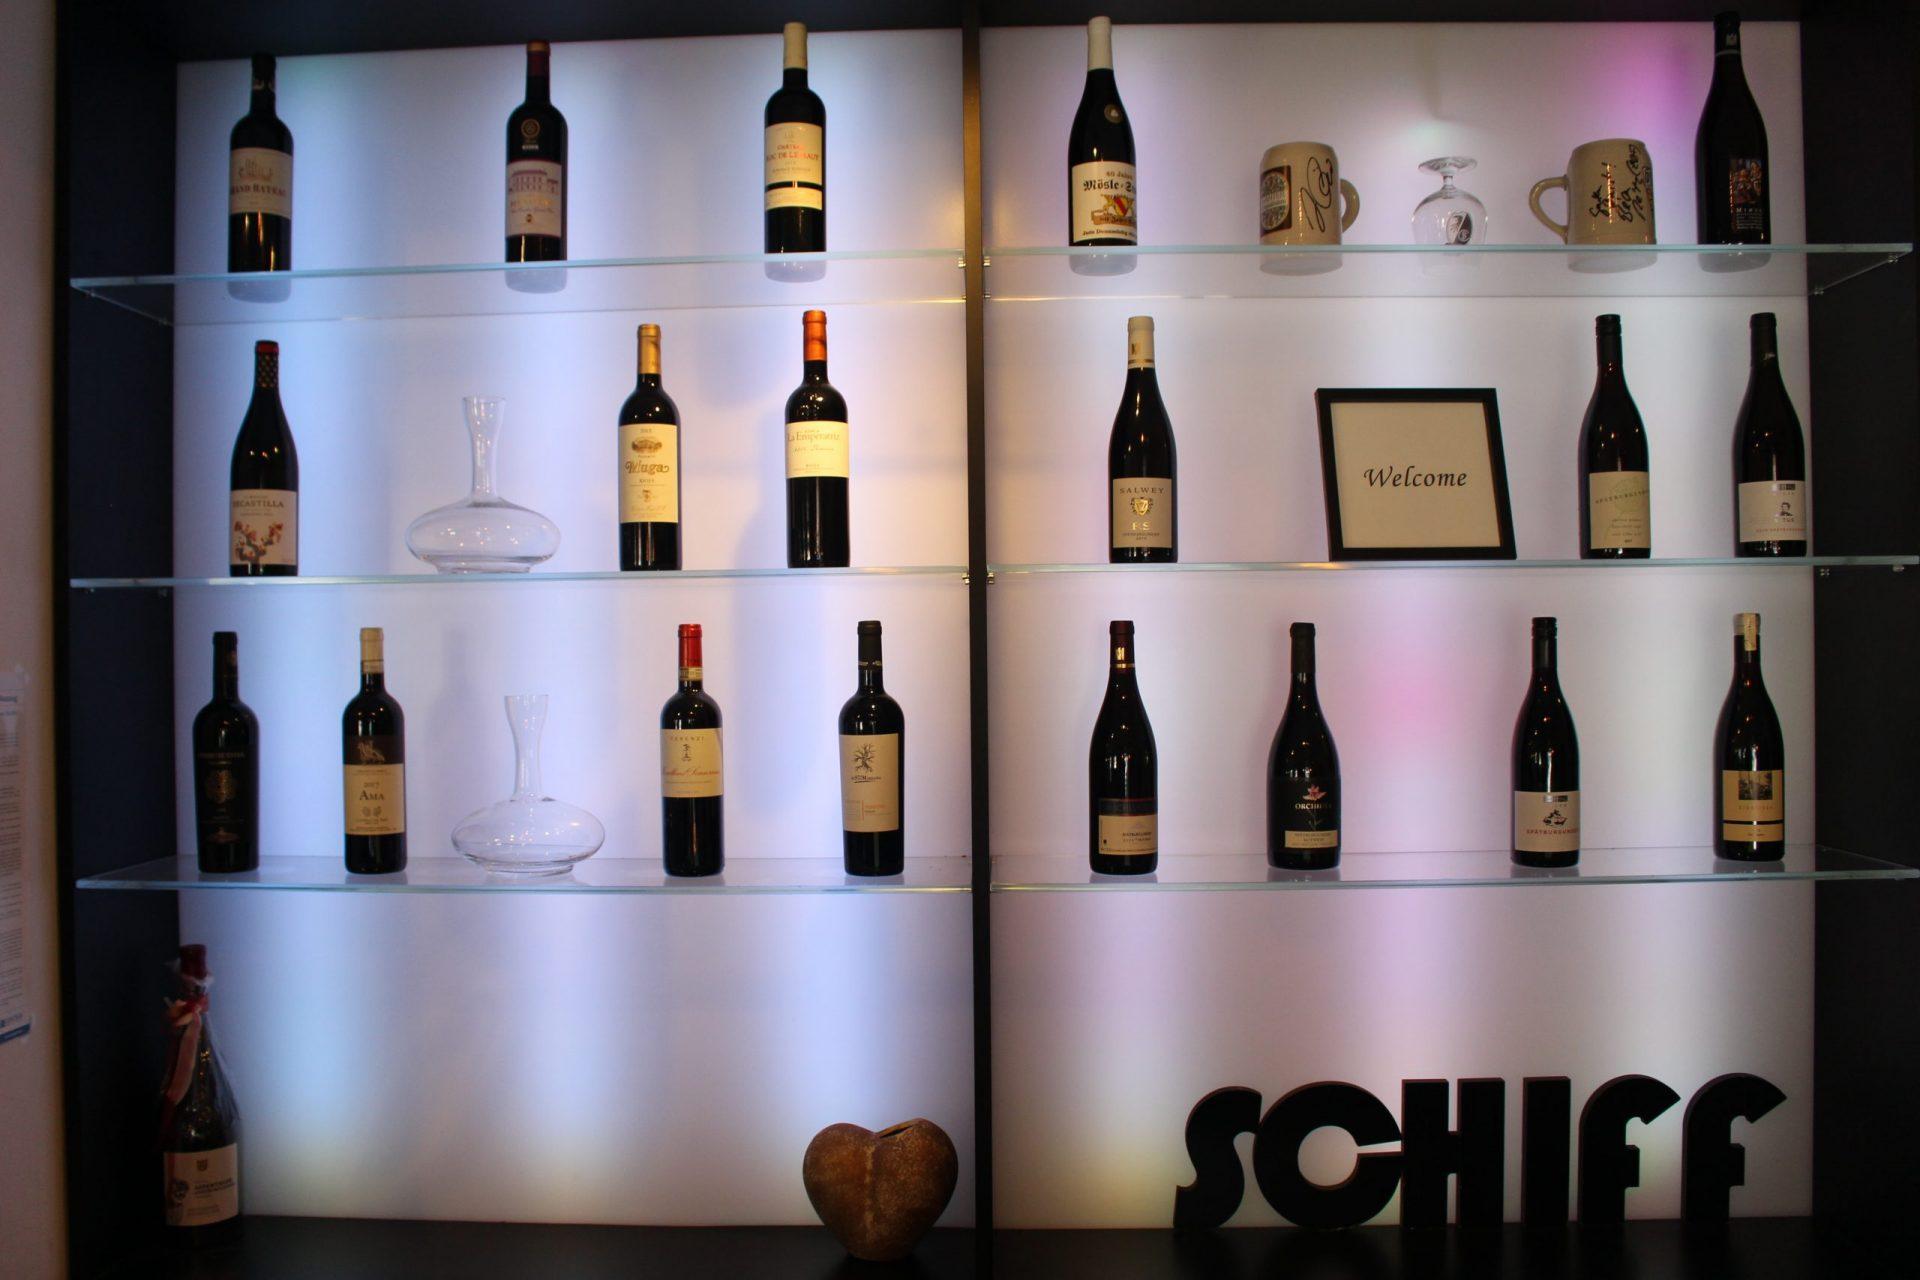 Schiff Weinauswahl